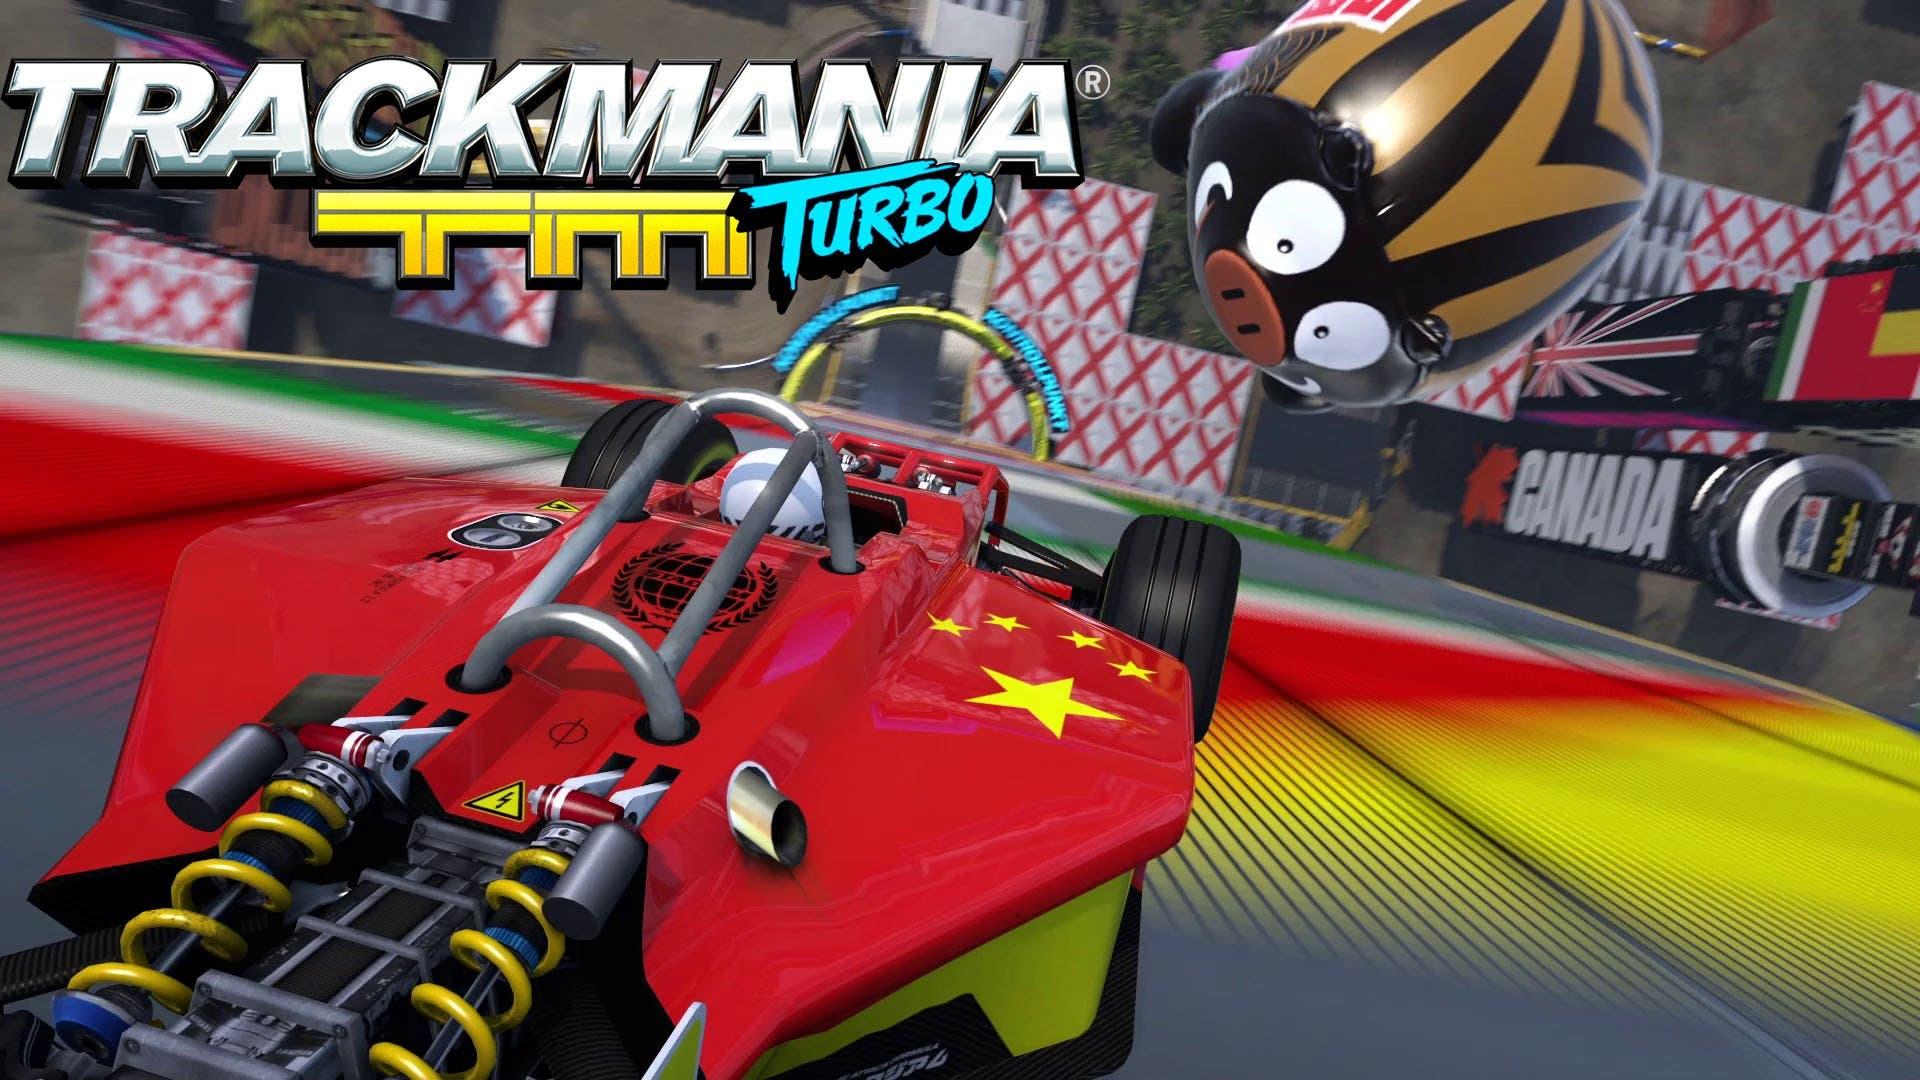 Nuevo vídeo de Trackmania Turbo 1